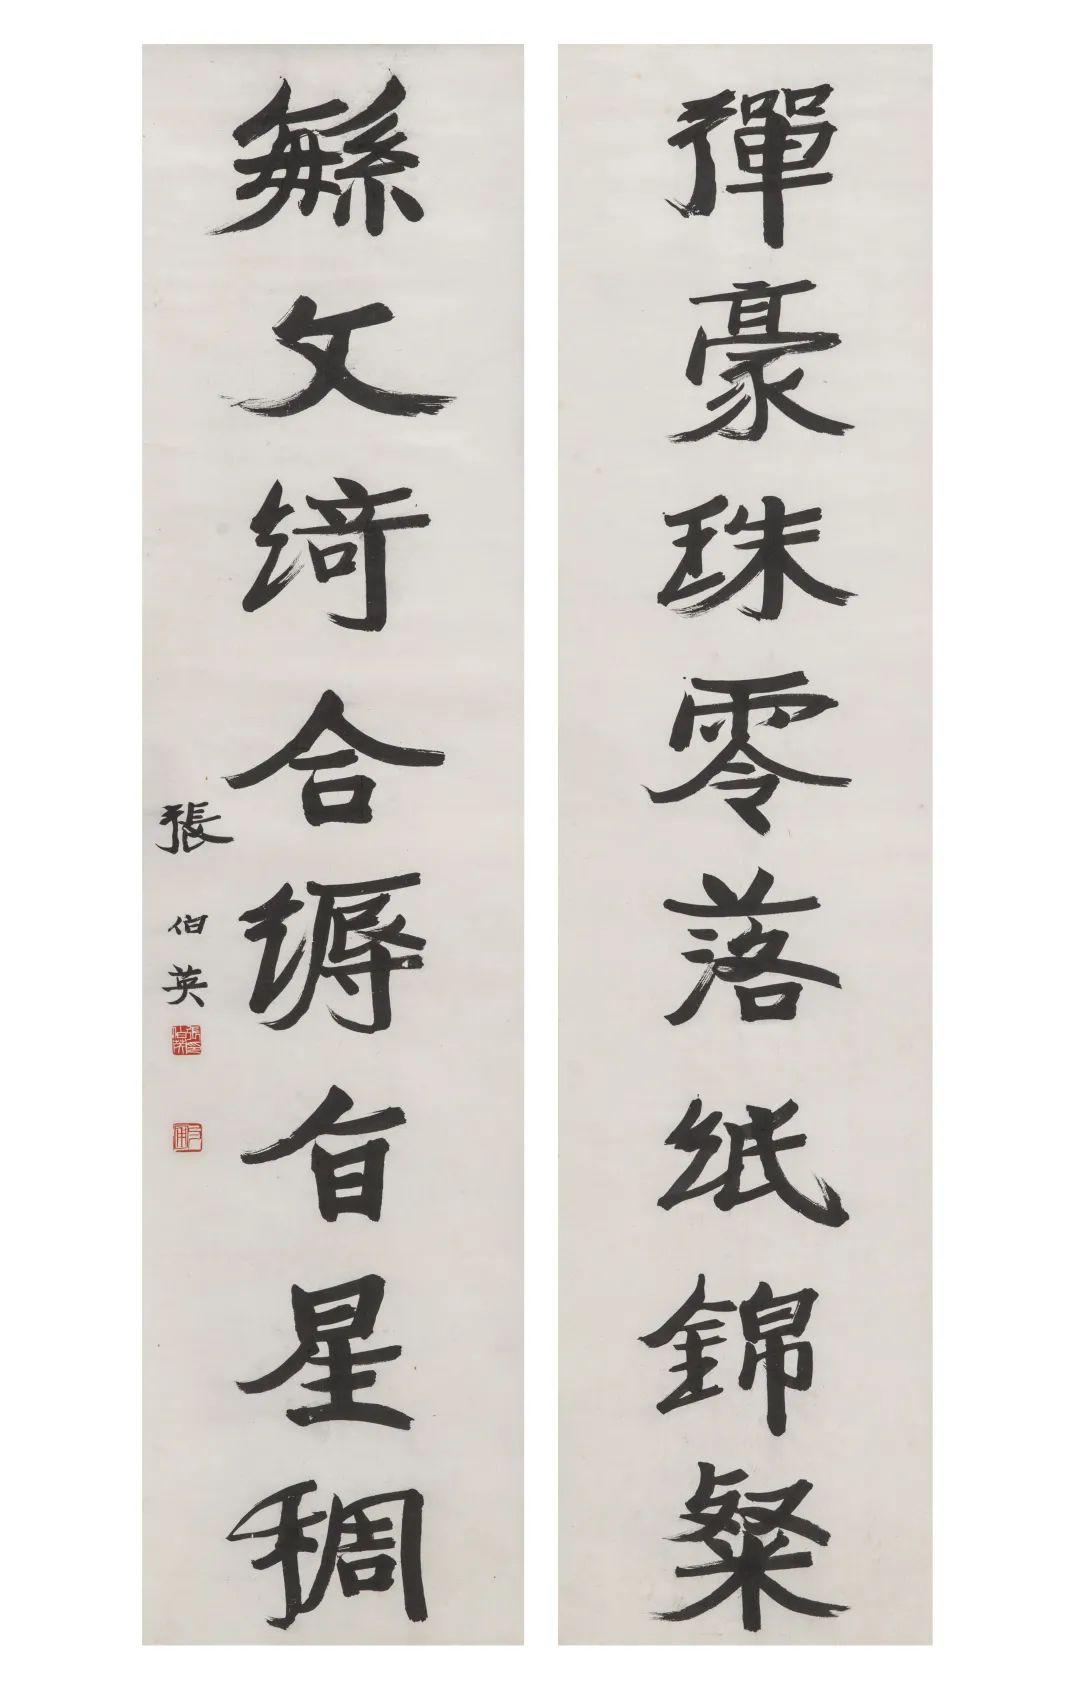 「北京荣宝第五届网络文物拍卖会」中国书法专场